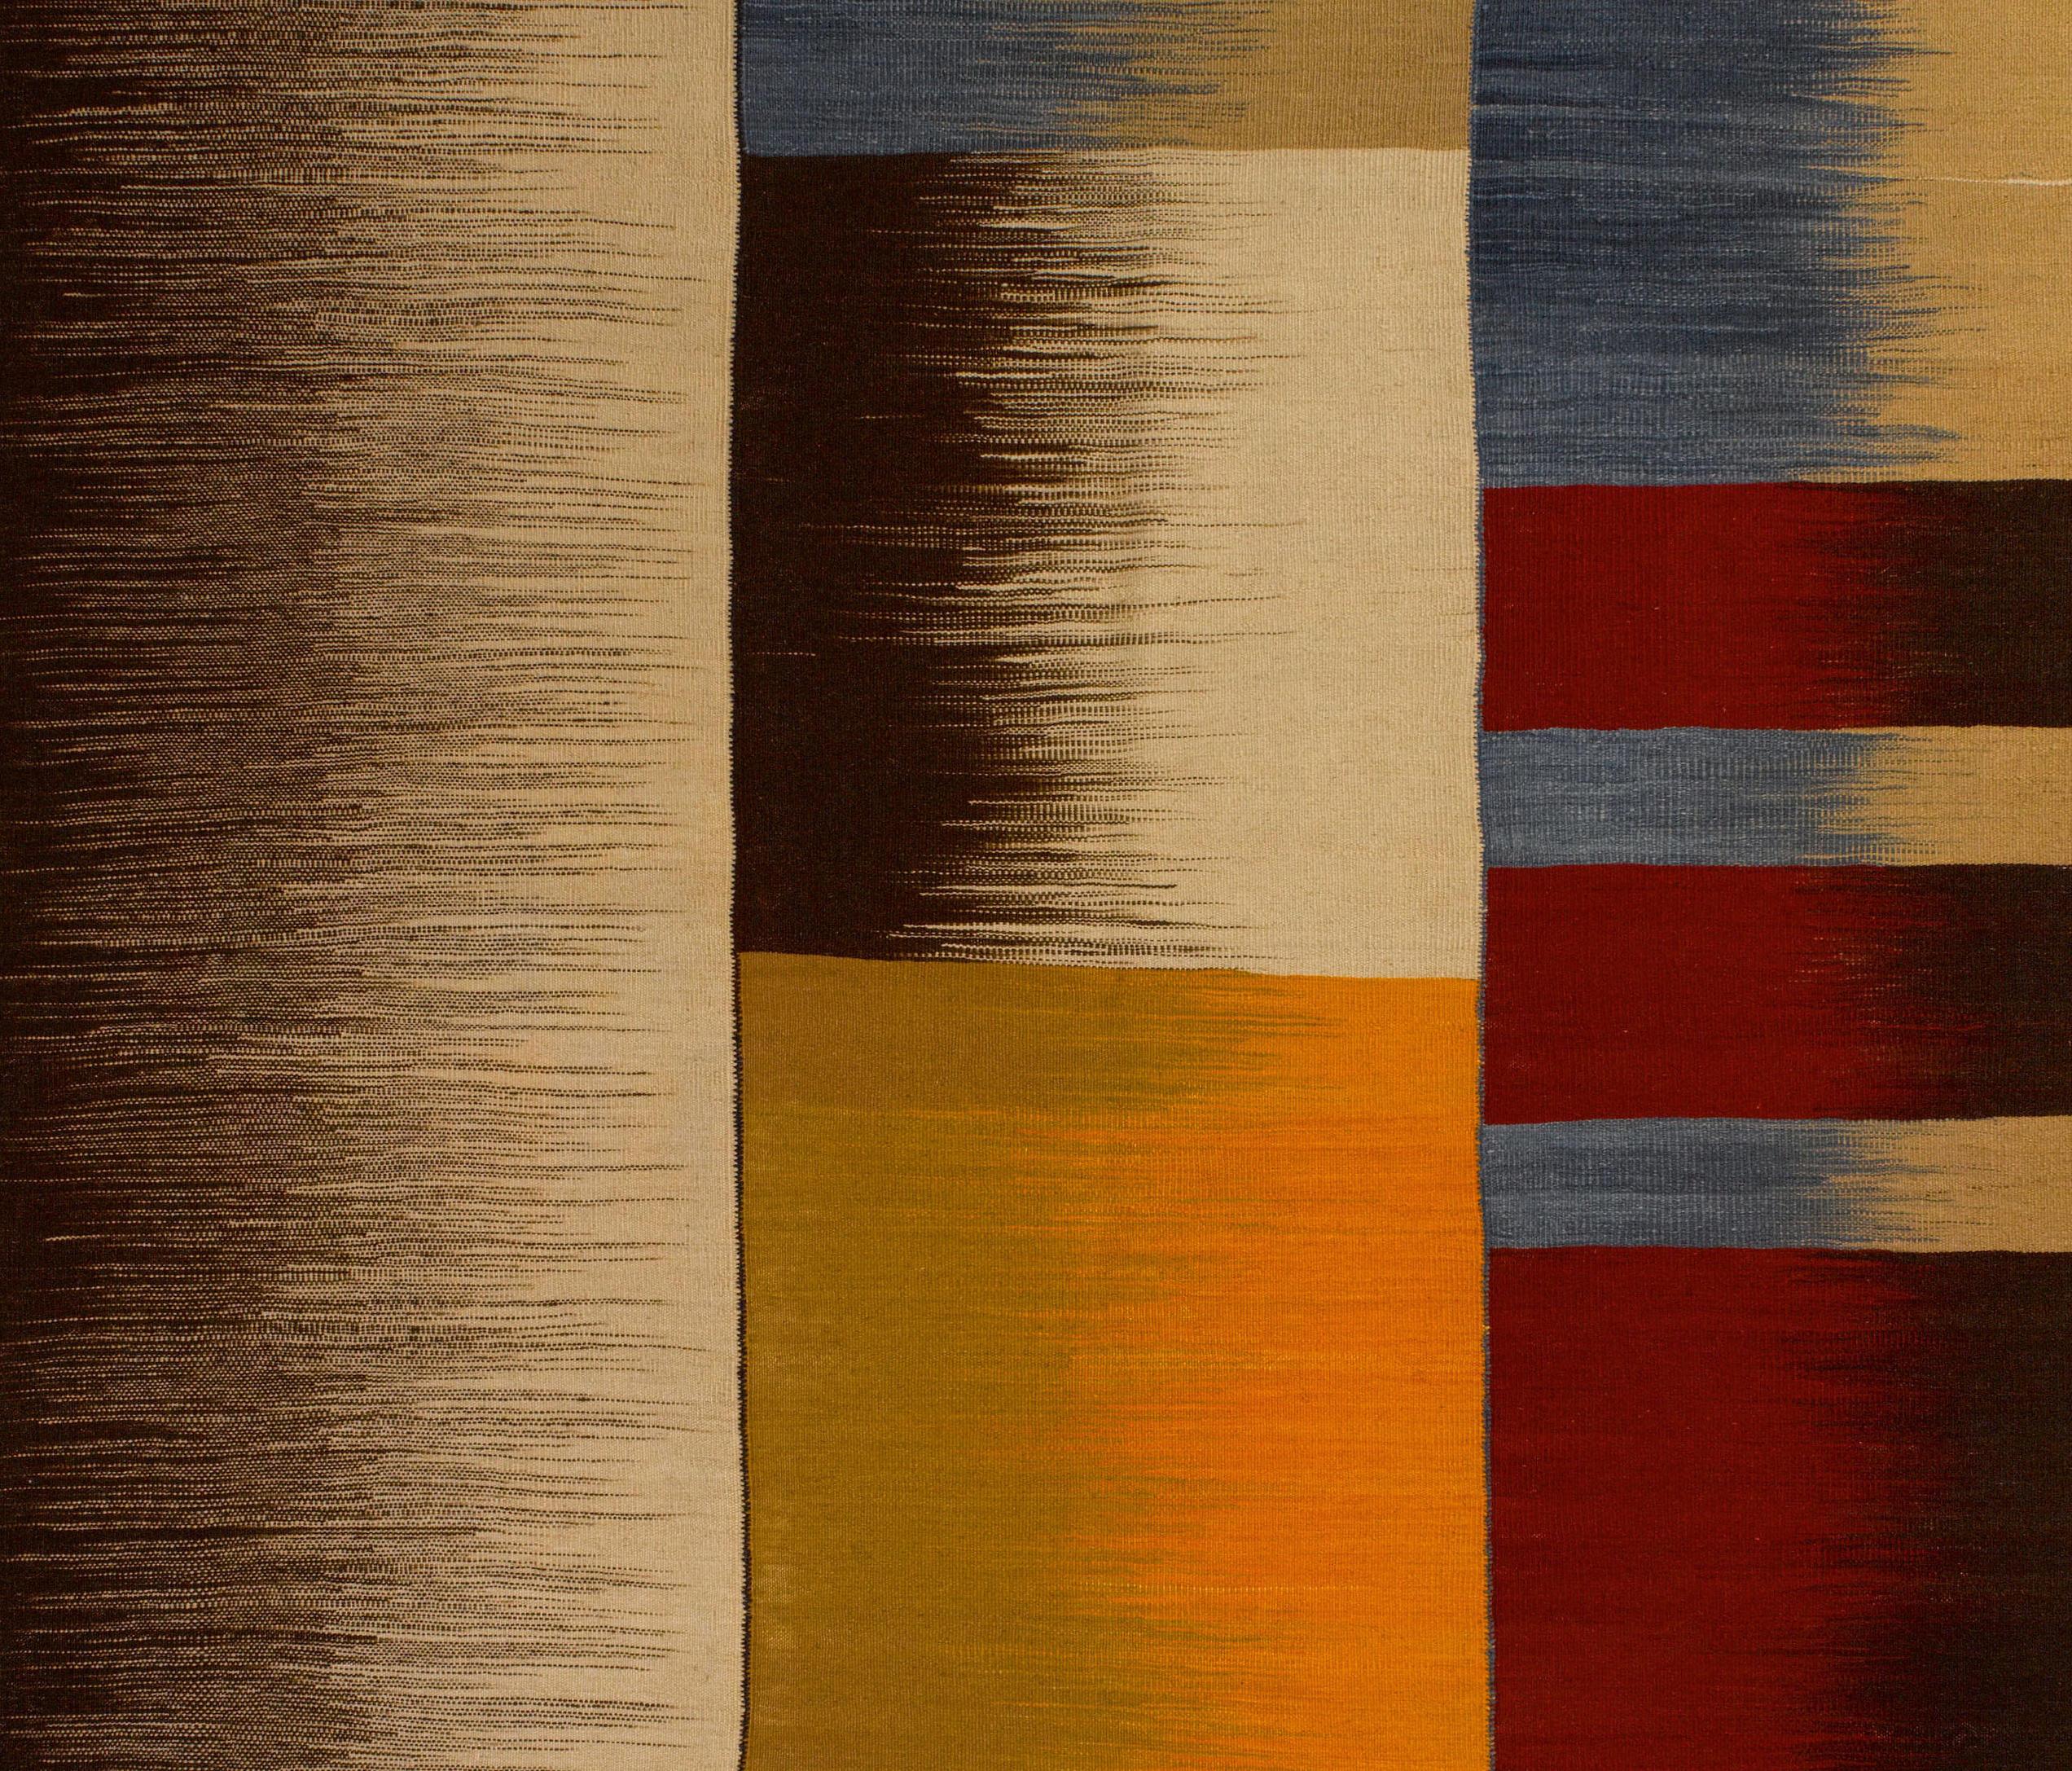 tomils formatteppiche designerteppiche von atelier pfister architonic. Black Bedroom Furniture Sets. Home Design Ideas